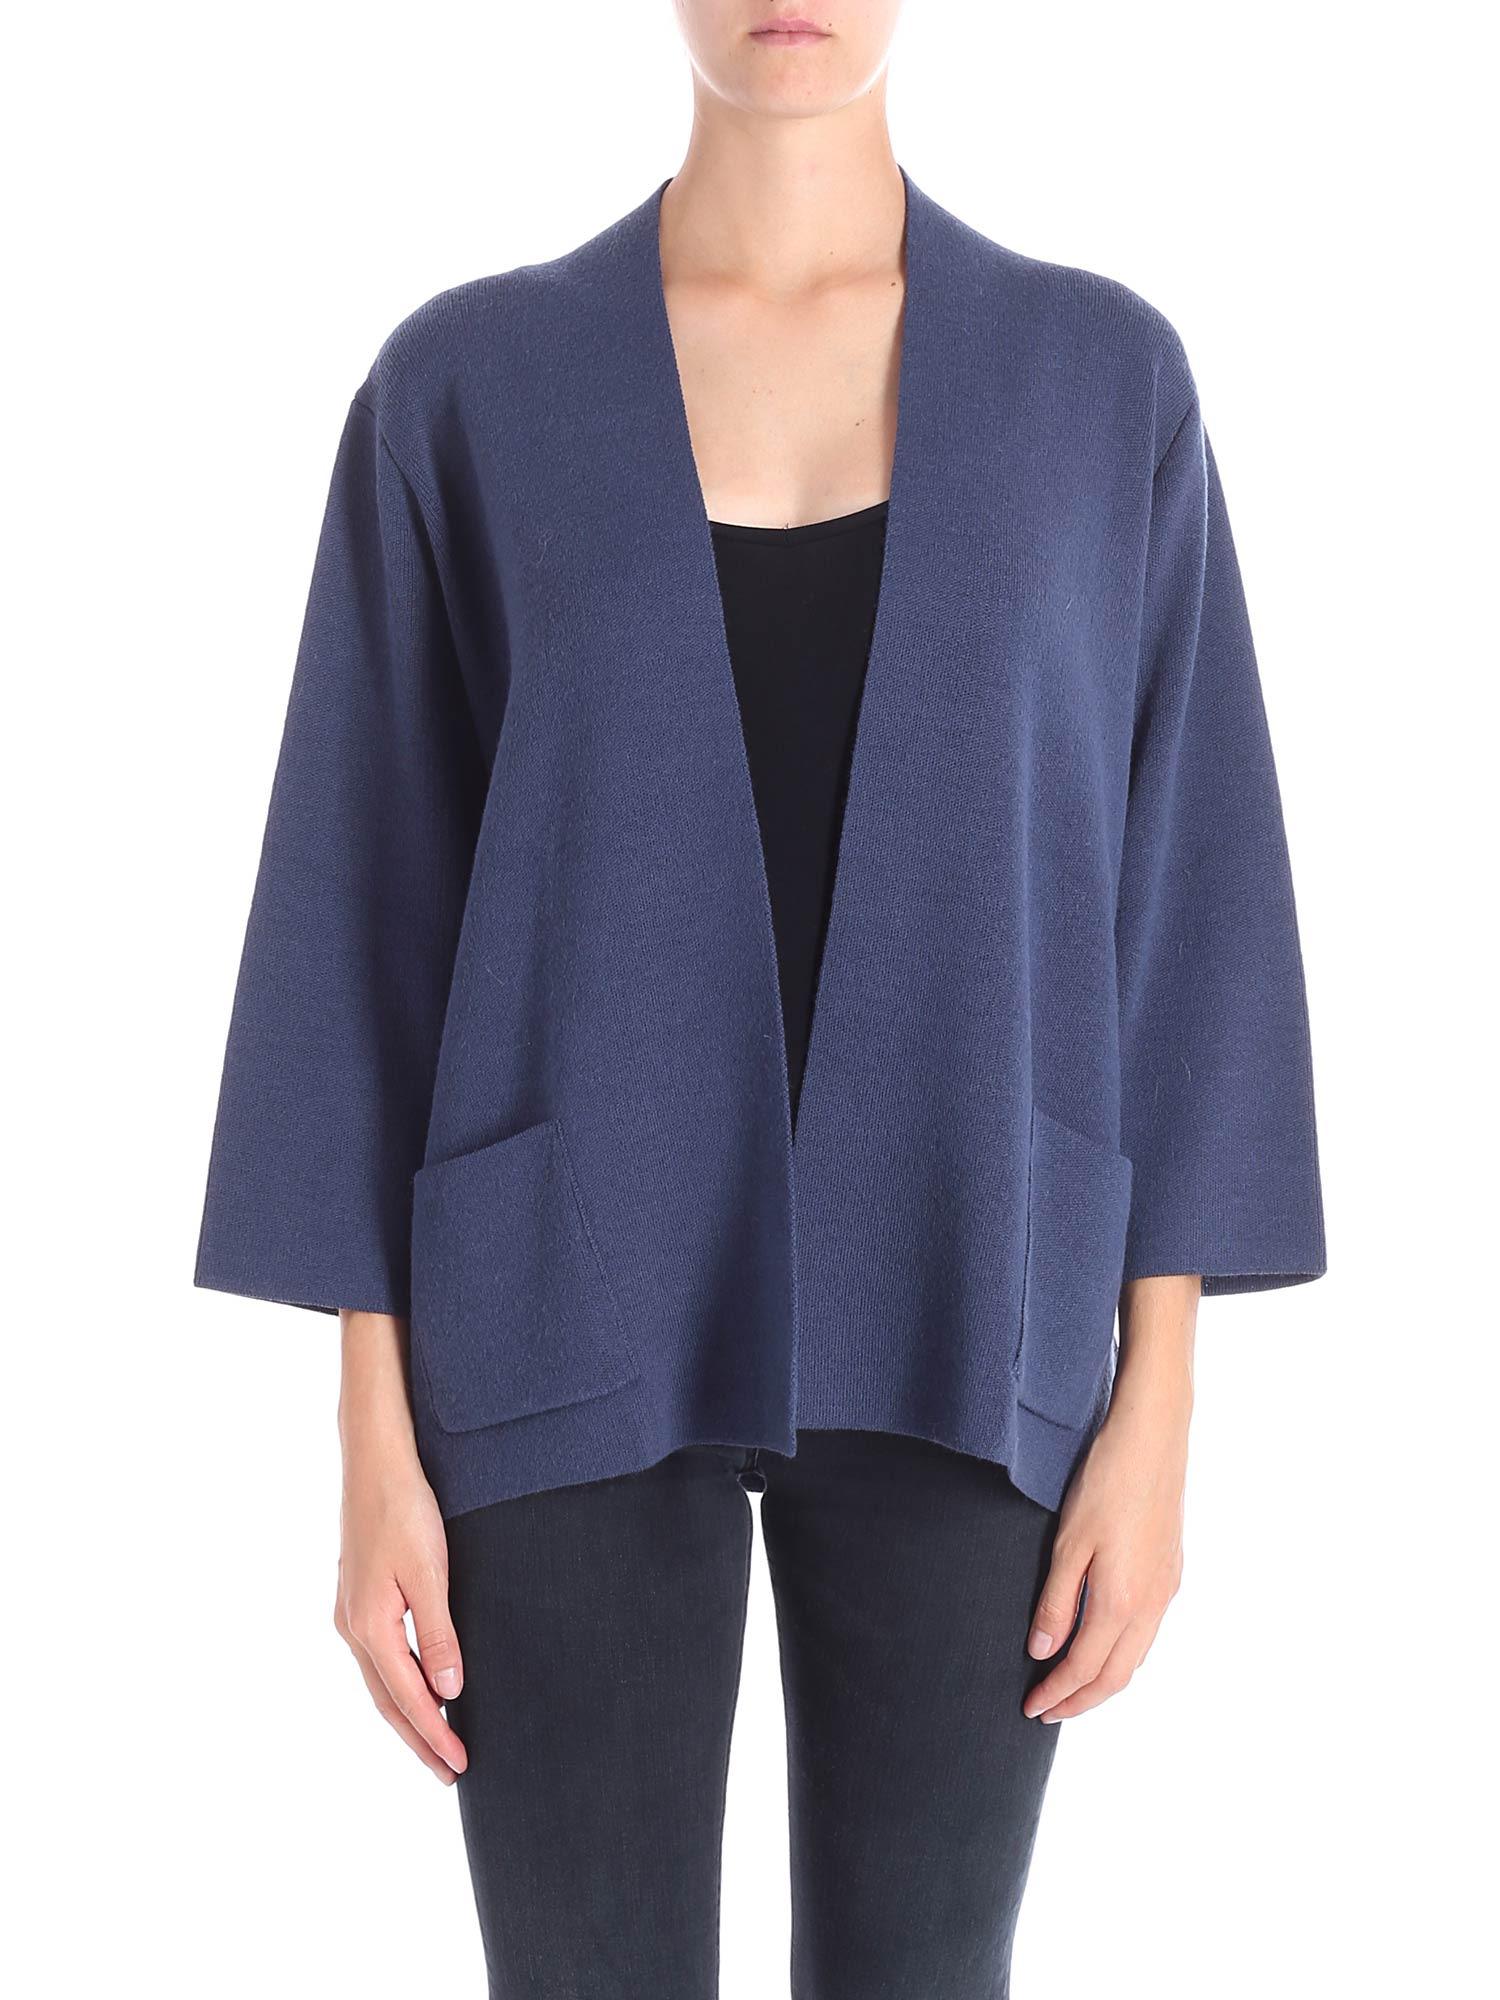 TRUSSARDI Wool Blend Jacket in Dust Blue